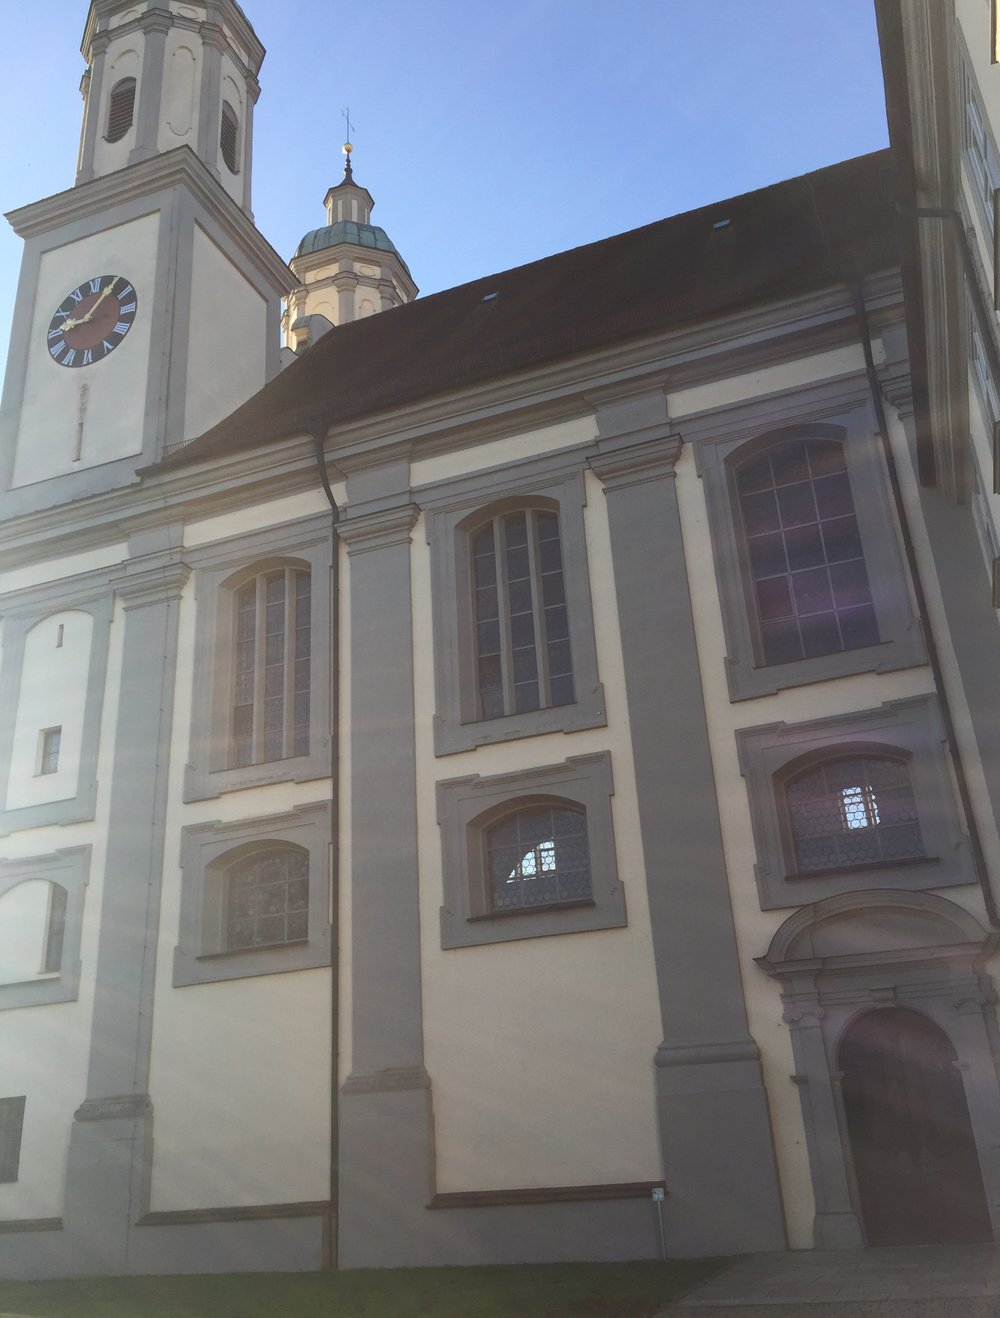 En beskjeden dør syntes nå jeg til en slik stor kirke, men inne i kirkerommet ...,